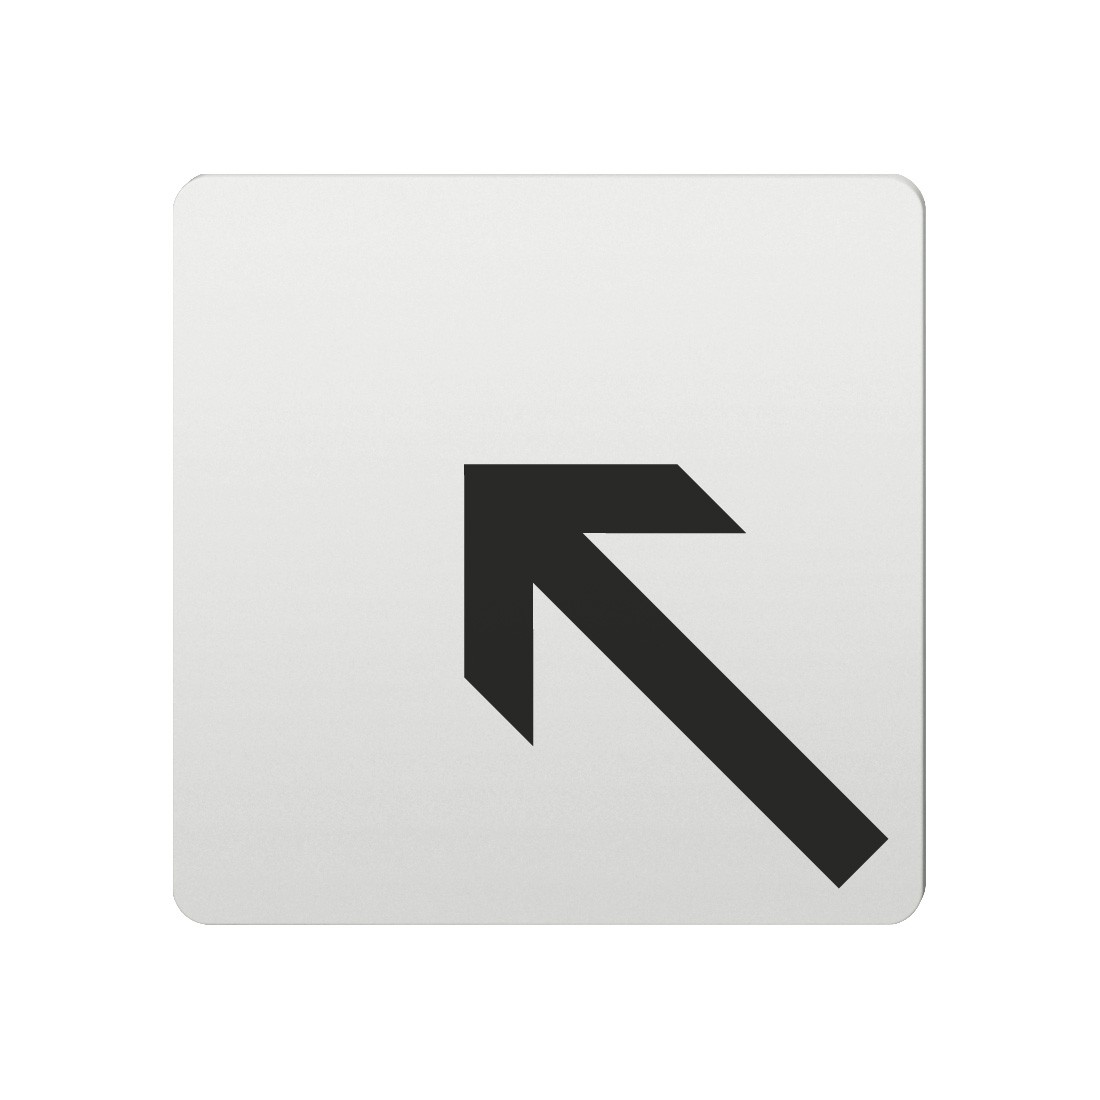 FSB Hinweiszeichen Pfeil nach links oben Lasergraviert Aluminium naturfarbig (0 36 4059 00007 0105)